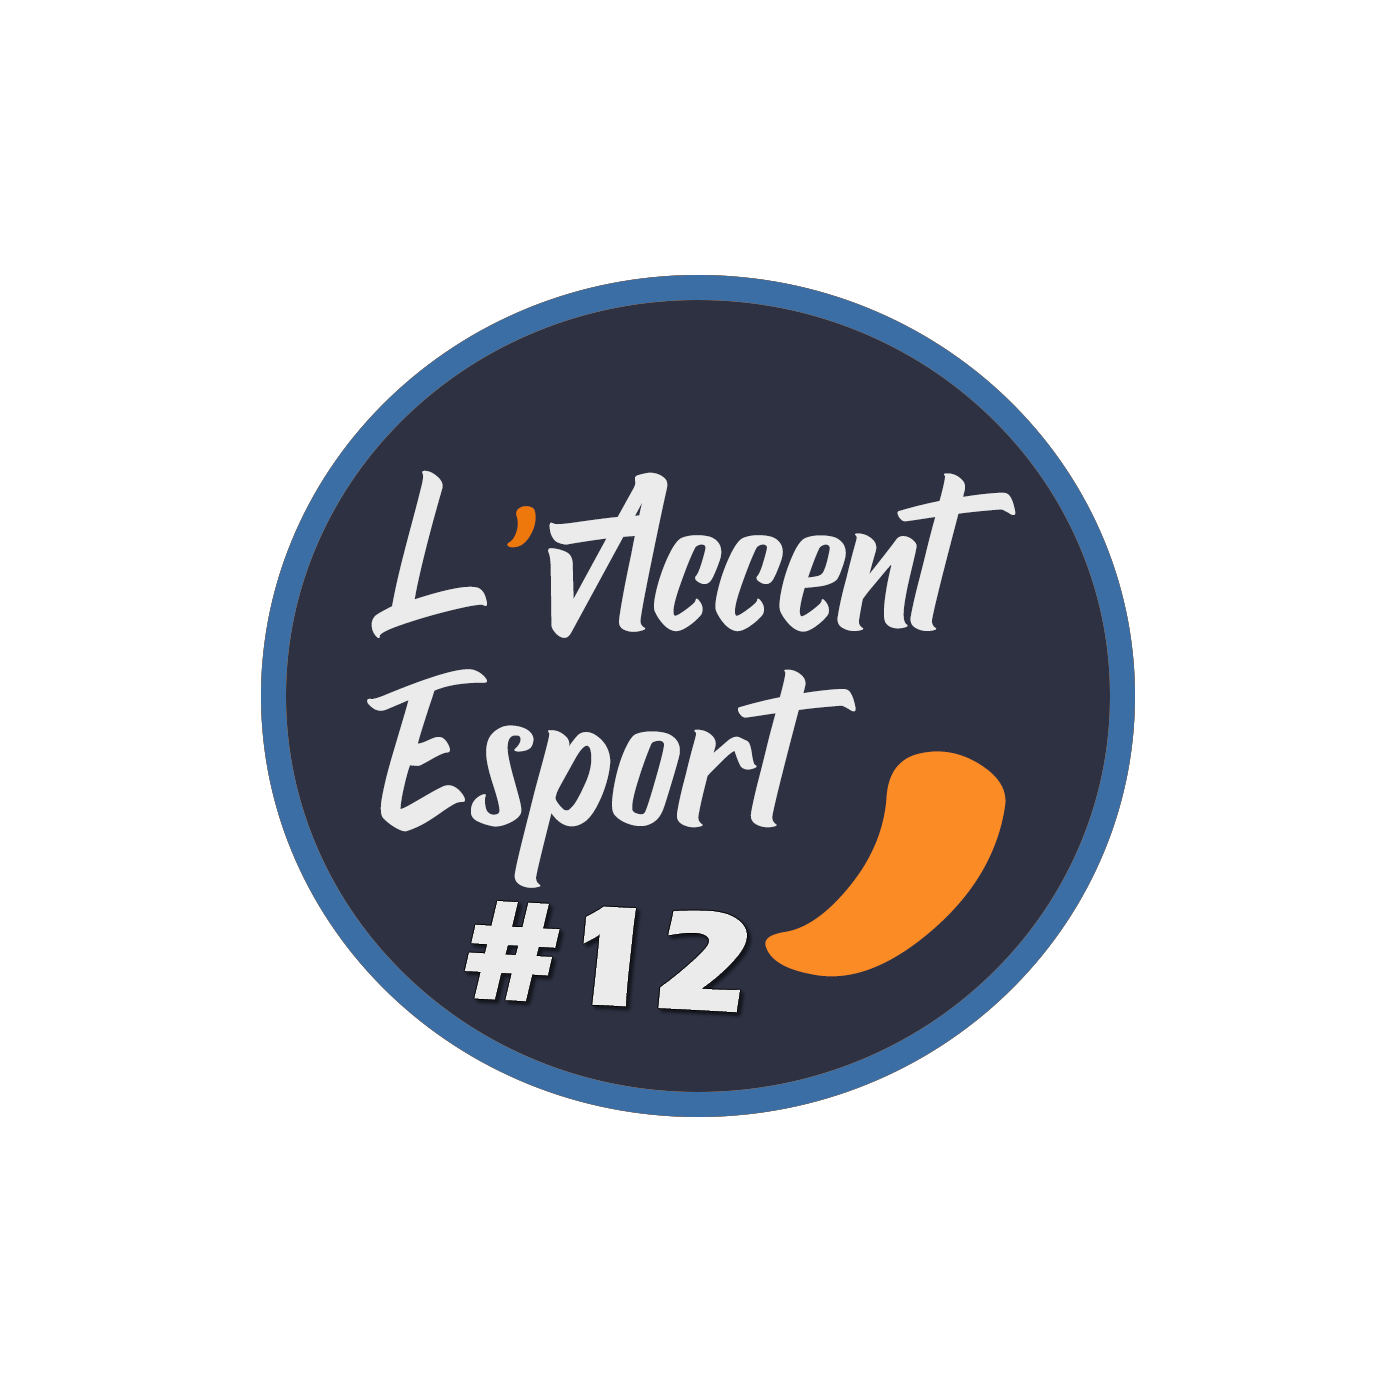 L'Accent Esport #12